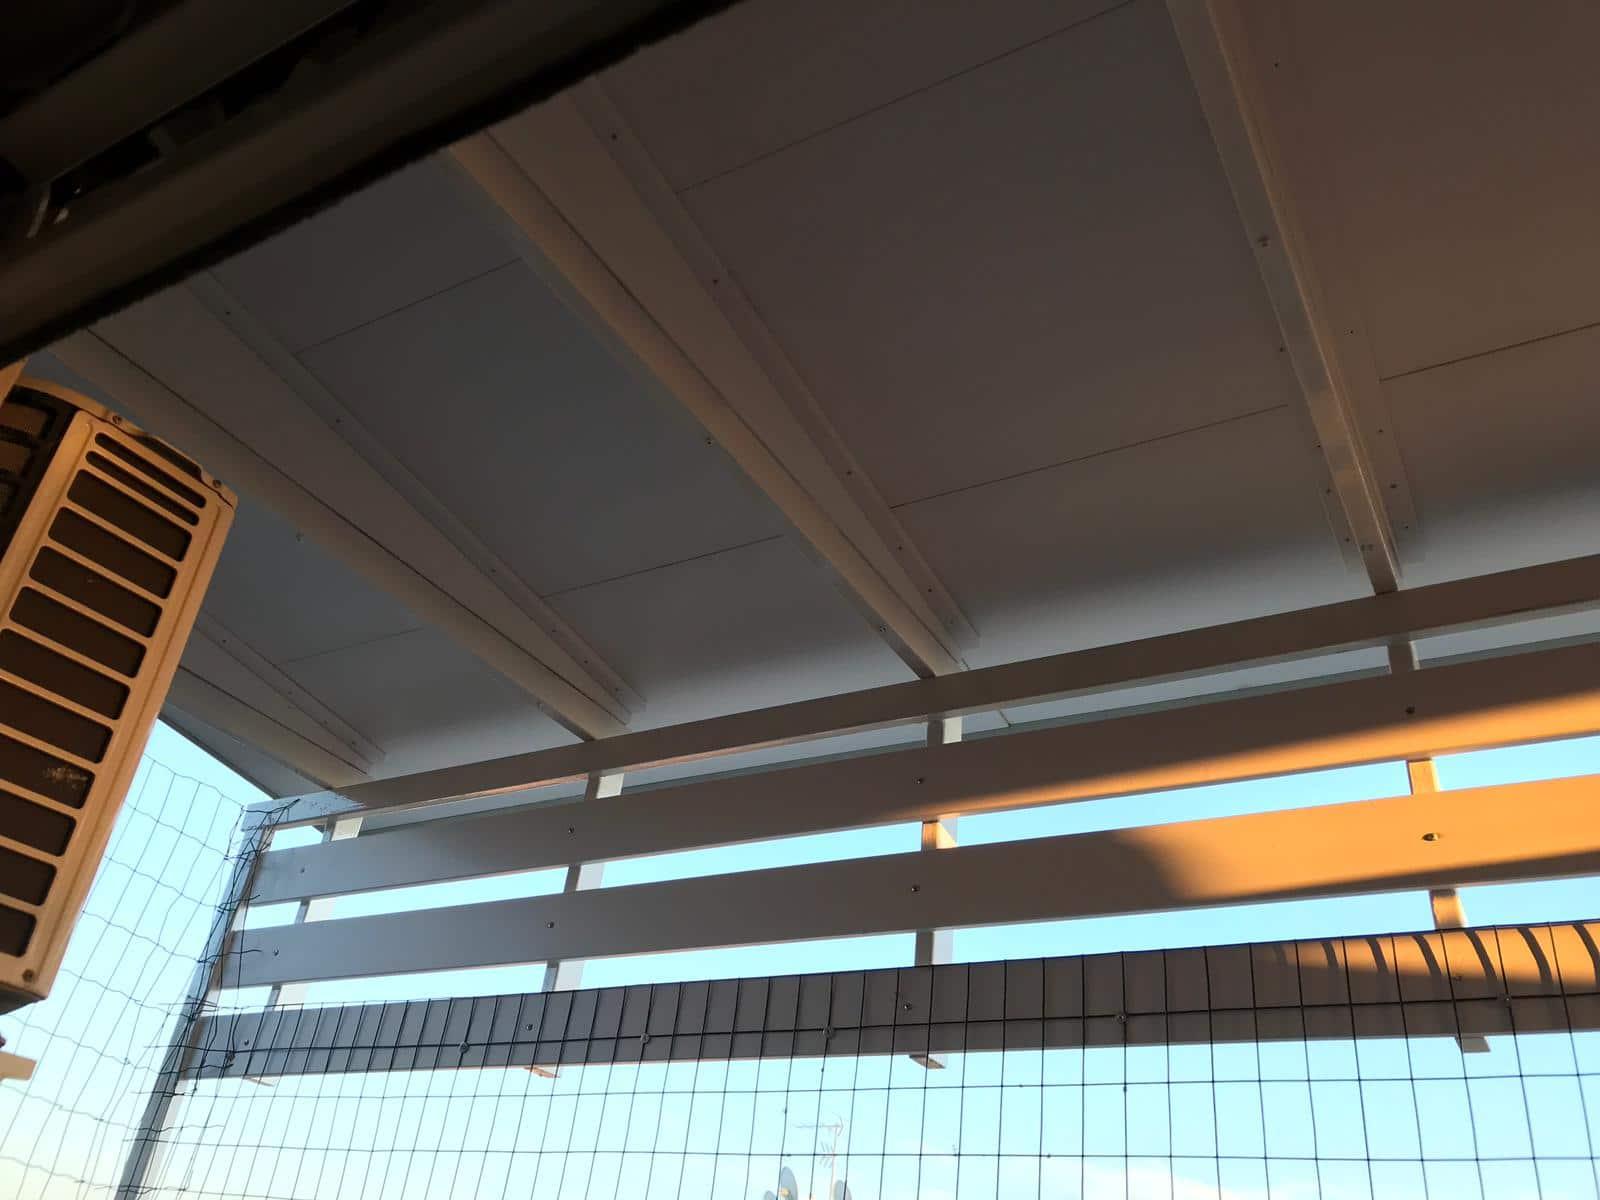 Copertura a pannelli laccati bianchi con tegole ardesiate, montato su struttura in acciaio già esistente